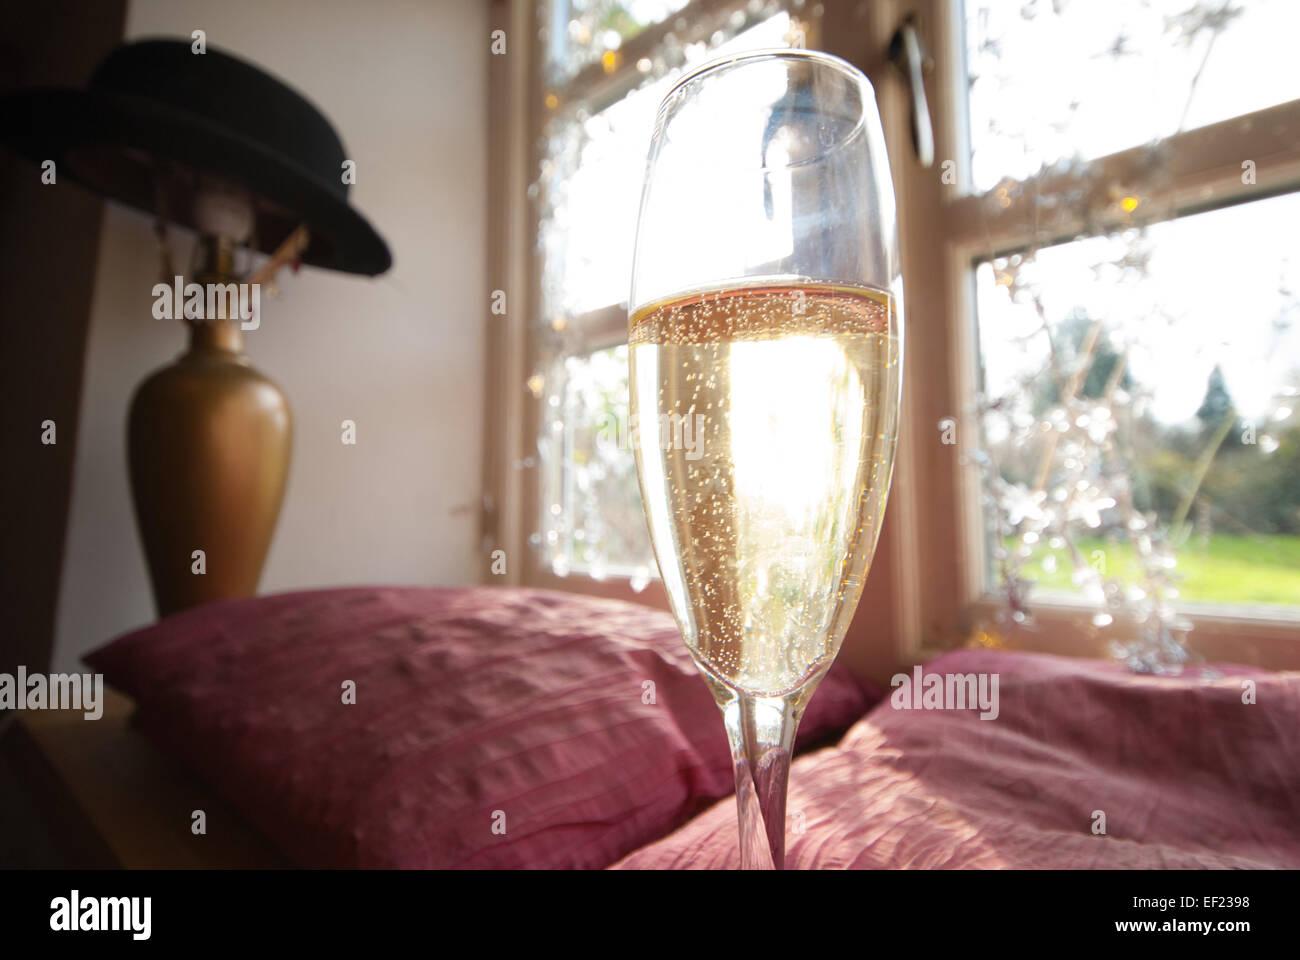 Ein Glas Champagner neben ein Fenster in einem Sonnenstrahl, mit Weihnachtsbeleuchtung im Hintergrund. Das Sonnenlicht Stockbild